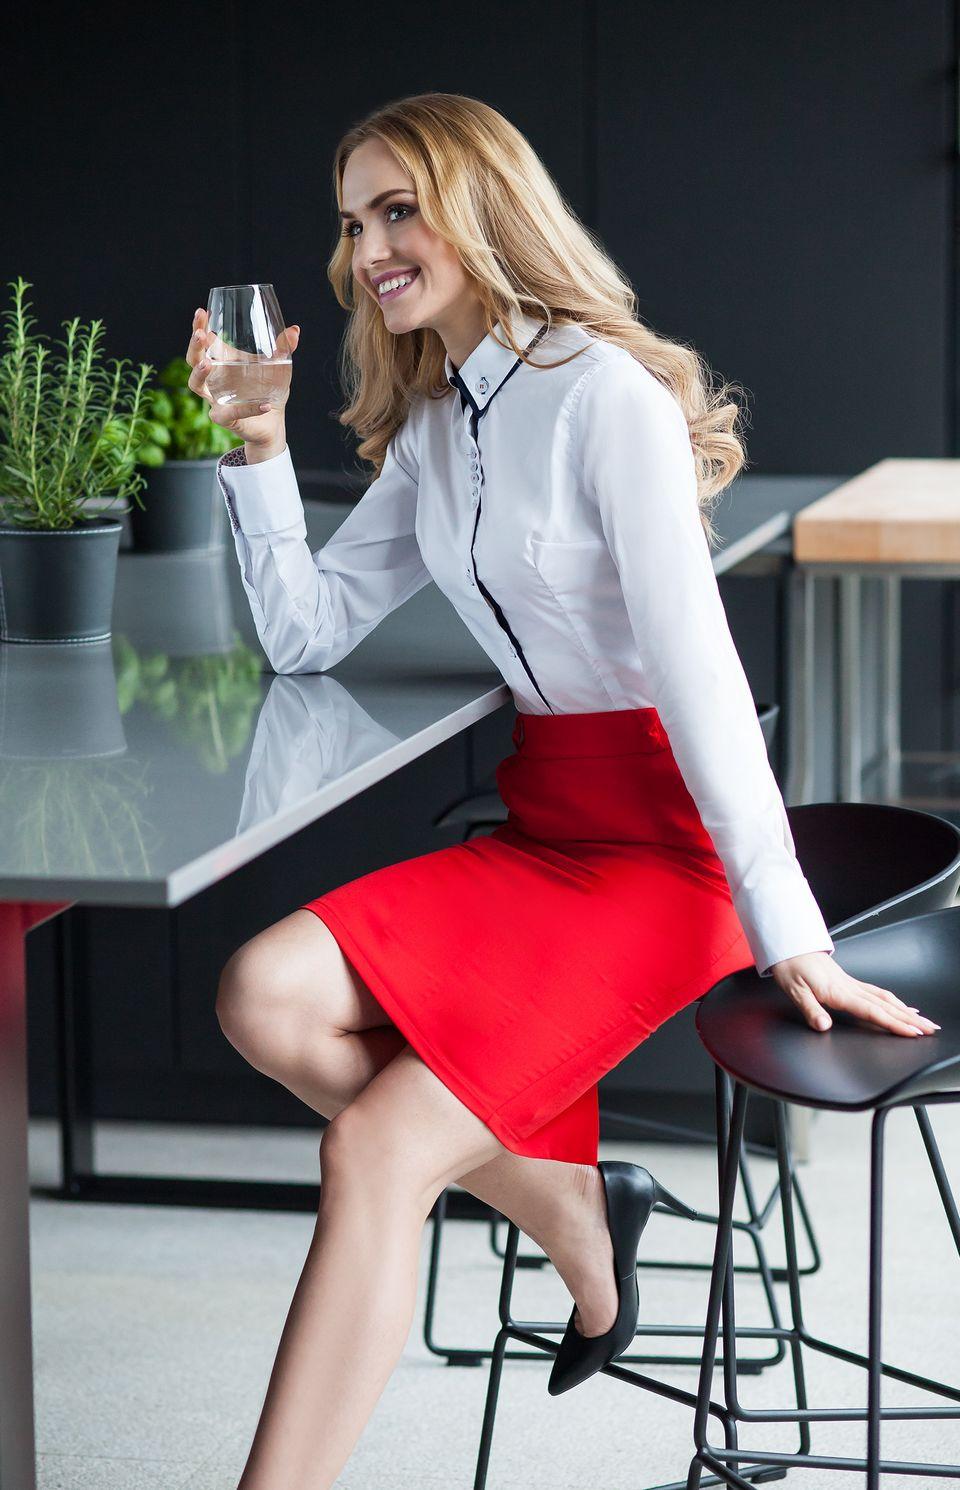 jupe crayon passants rouge style s008r idresstocode boutique de d shabill s et nuisettes. Black Bedroom Furniture Sets. Home Design Ideas